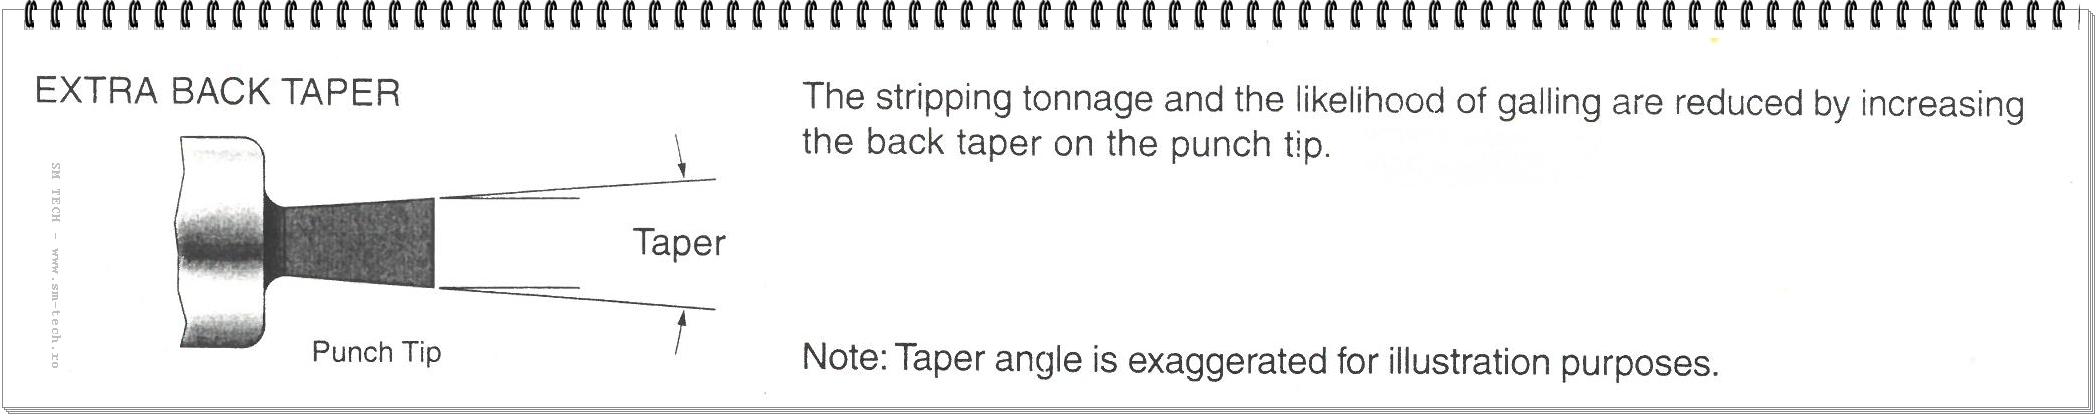 Extra Back Taper la poanson